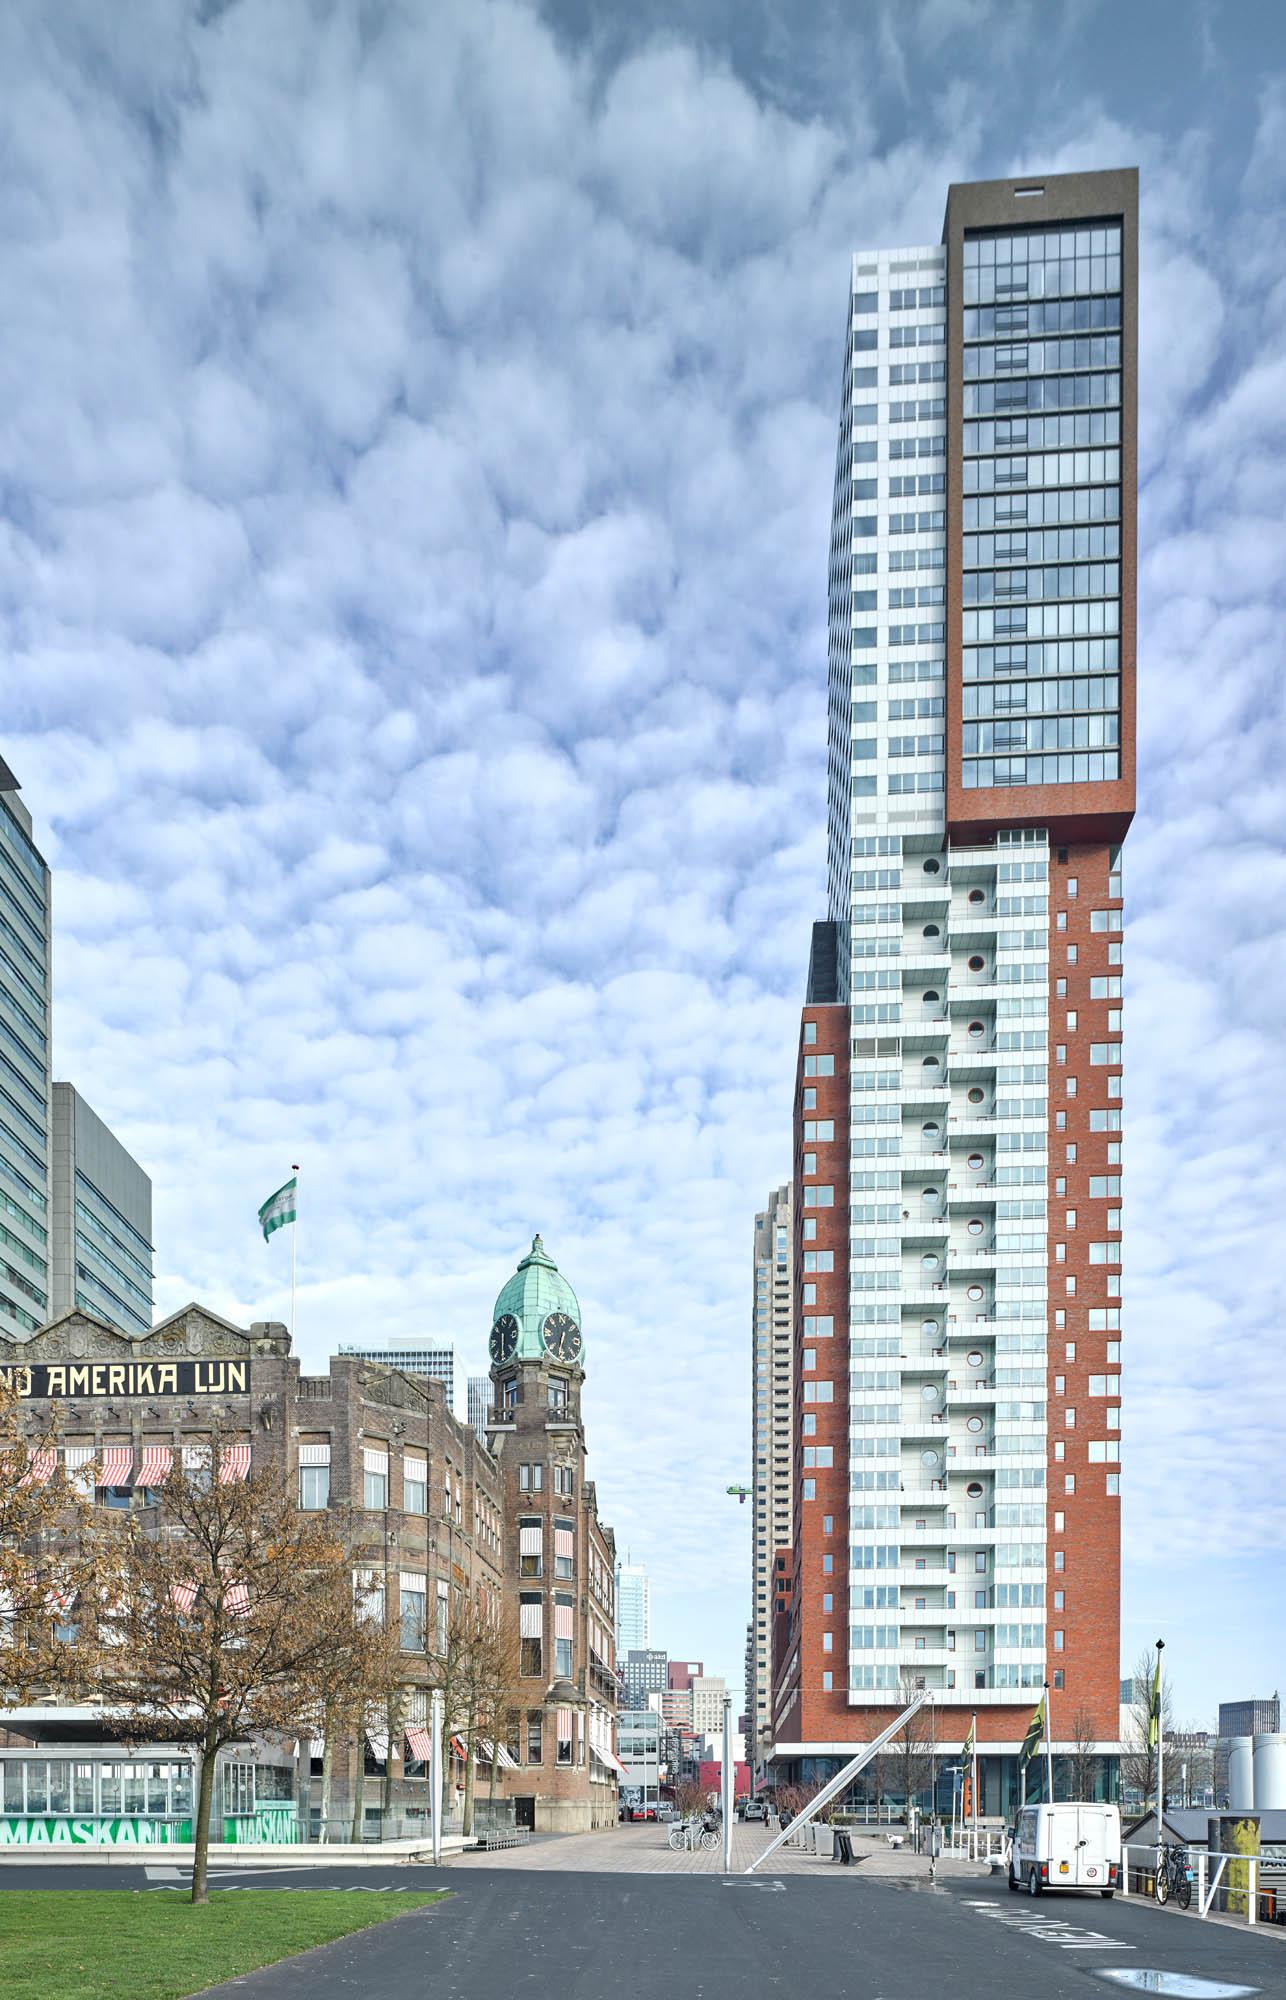 Opp 004768 - Rotterdam: Spielwiese verrückter Architektur von Weltruf